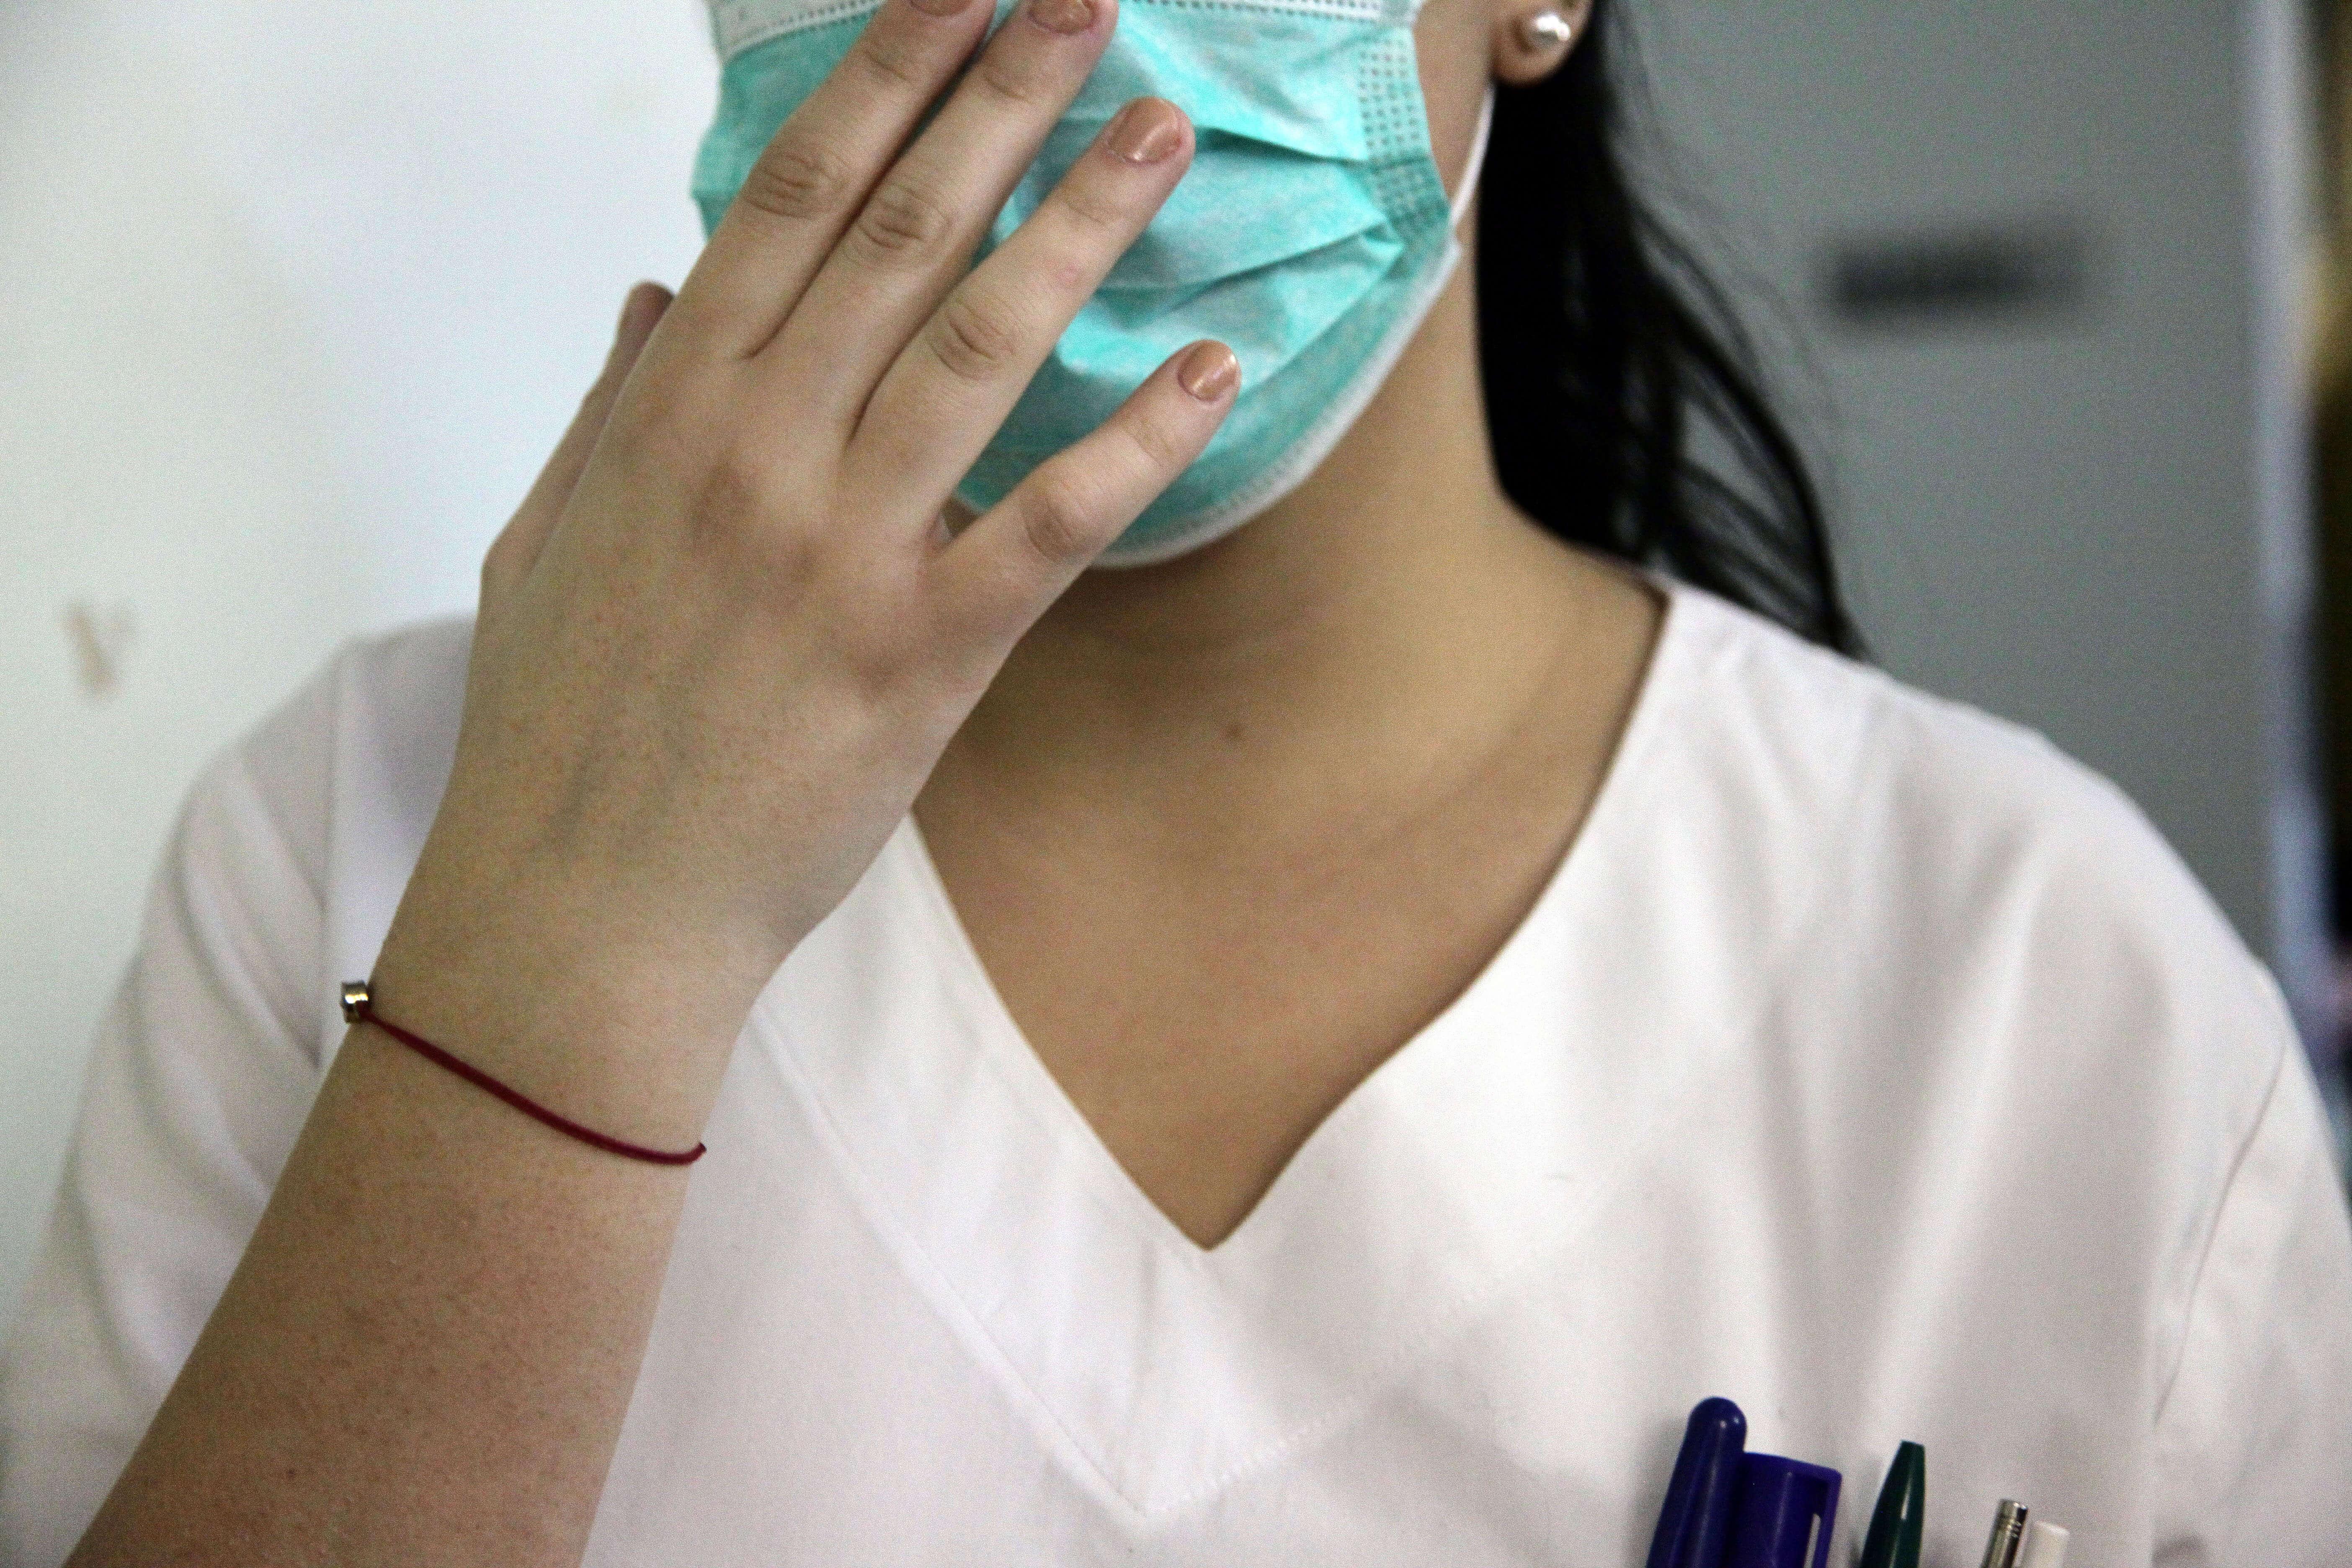 Ο κορονοϊός εξαφάνισε την γρίπη – Σε τι οφείλεται το φαινόμενο